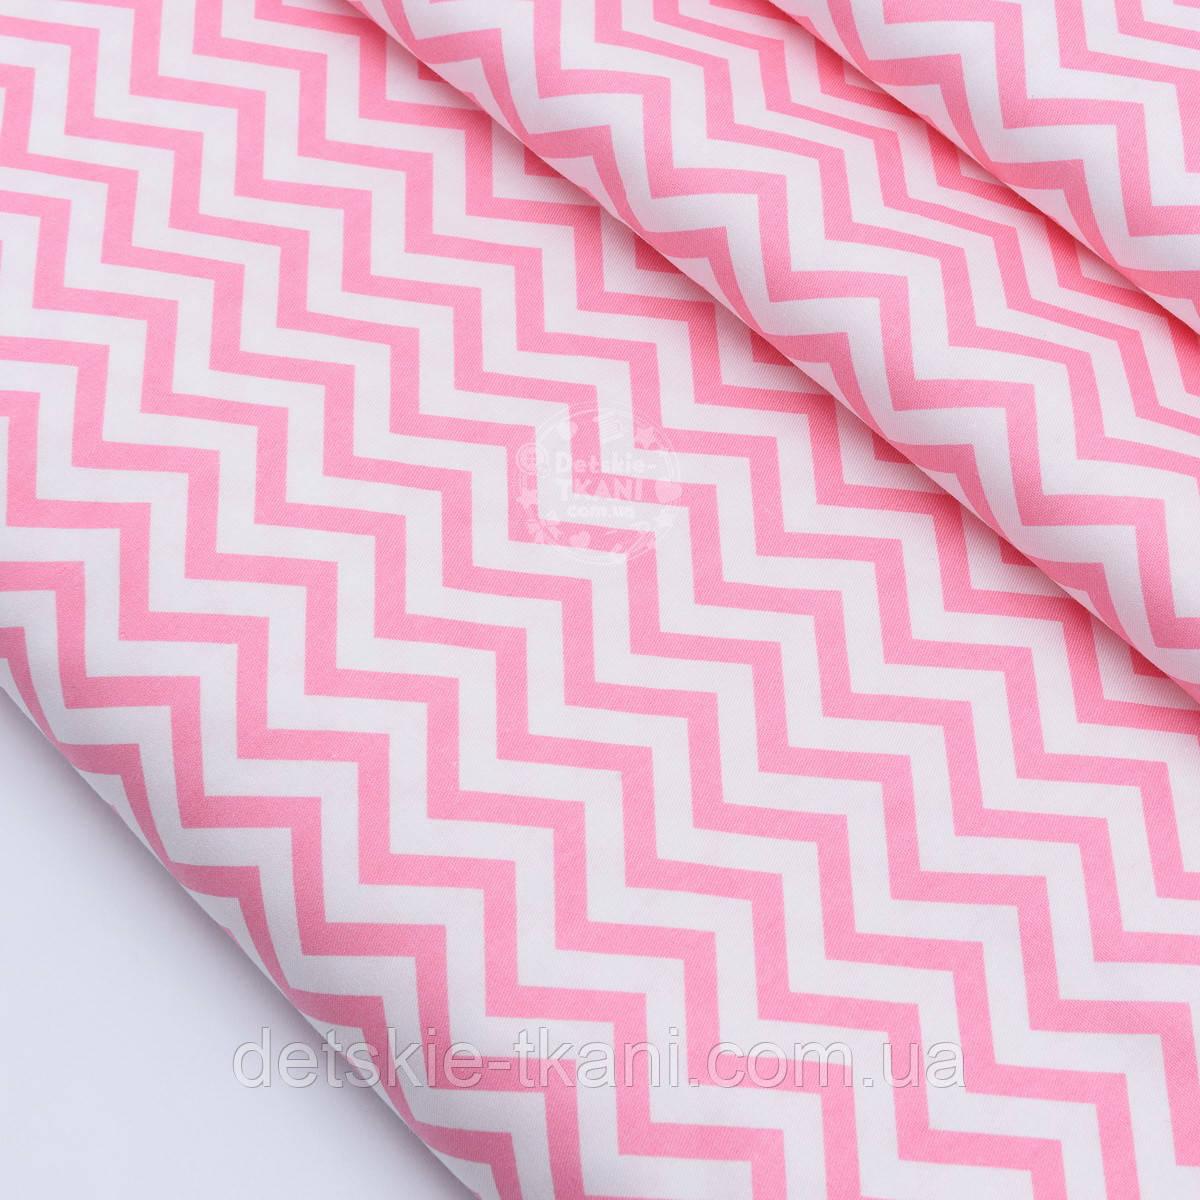 """Сатин ткань """"Густой средний розовый зигзаг"""" на белом, №1777с"""